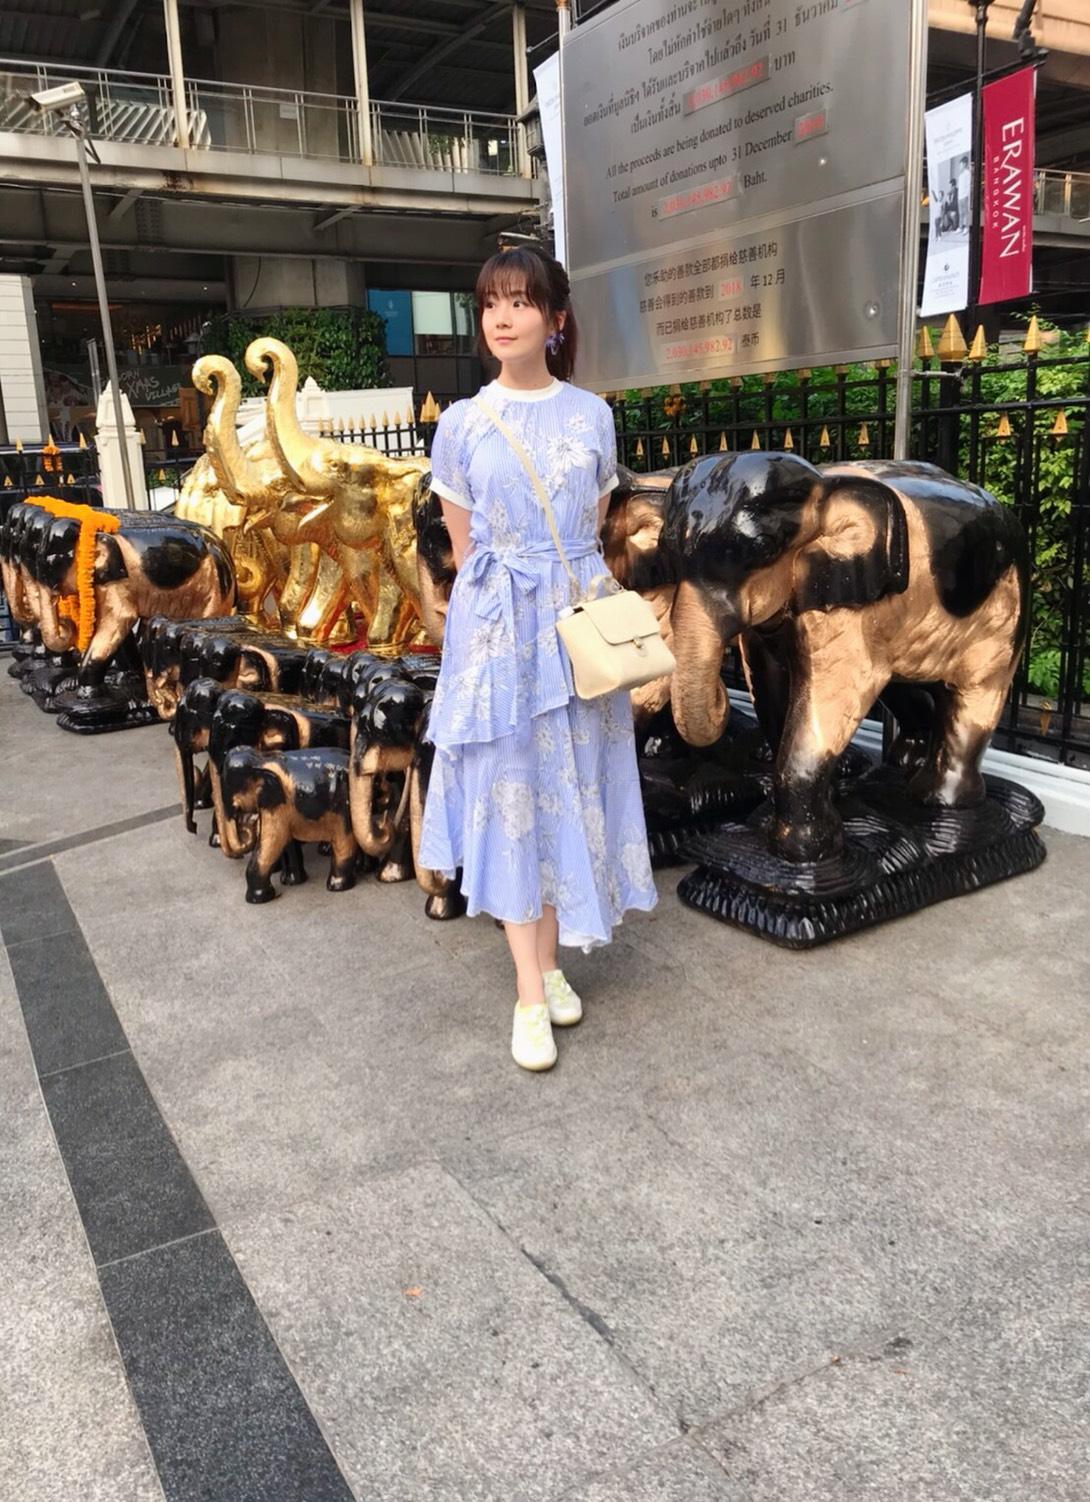 ▲這次赴泰國行,讓楊小黎遇到很多計畫之外的事情。